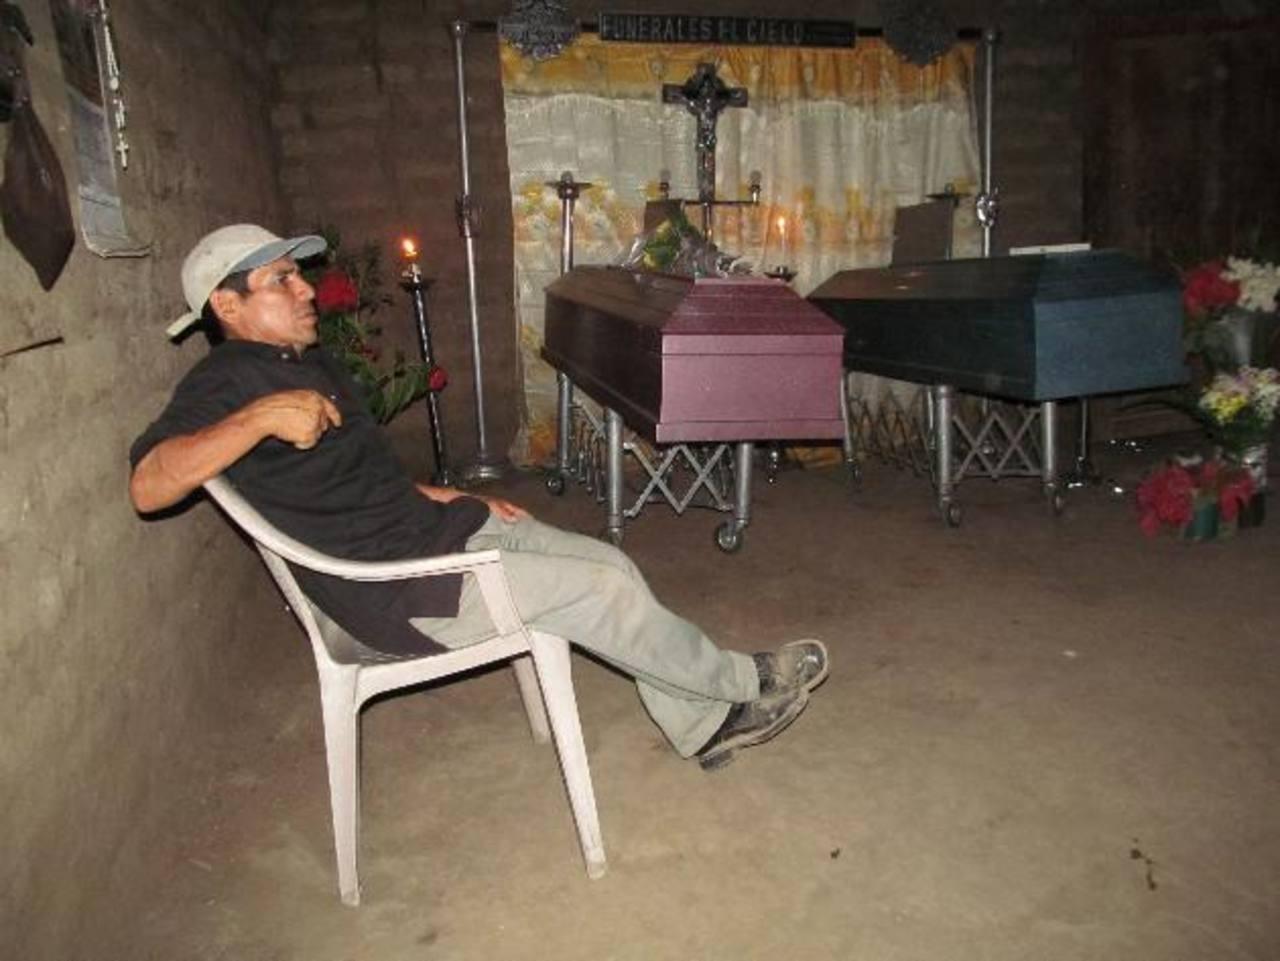 Las víctimas de la masacre en Opico fueron sepultados ayer. La mujer y su hija en el cementerio del cantón Lomas del Copinol. El hombre en Opico. Foto EDH / Jorge Beltrán.